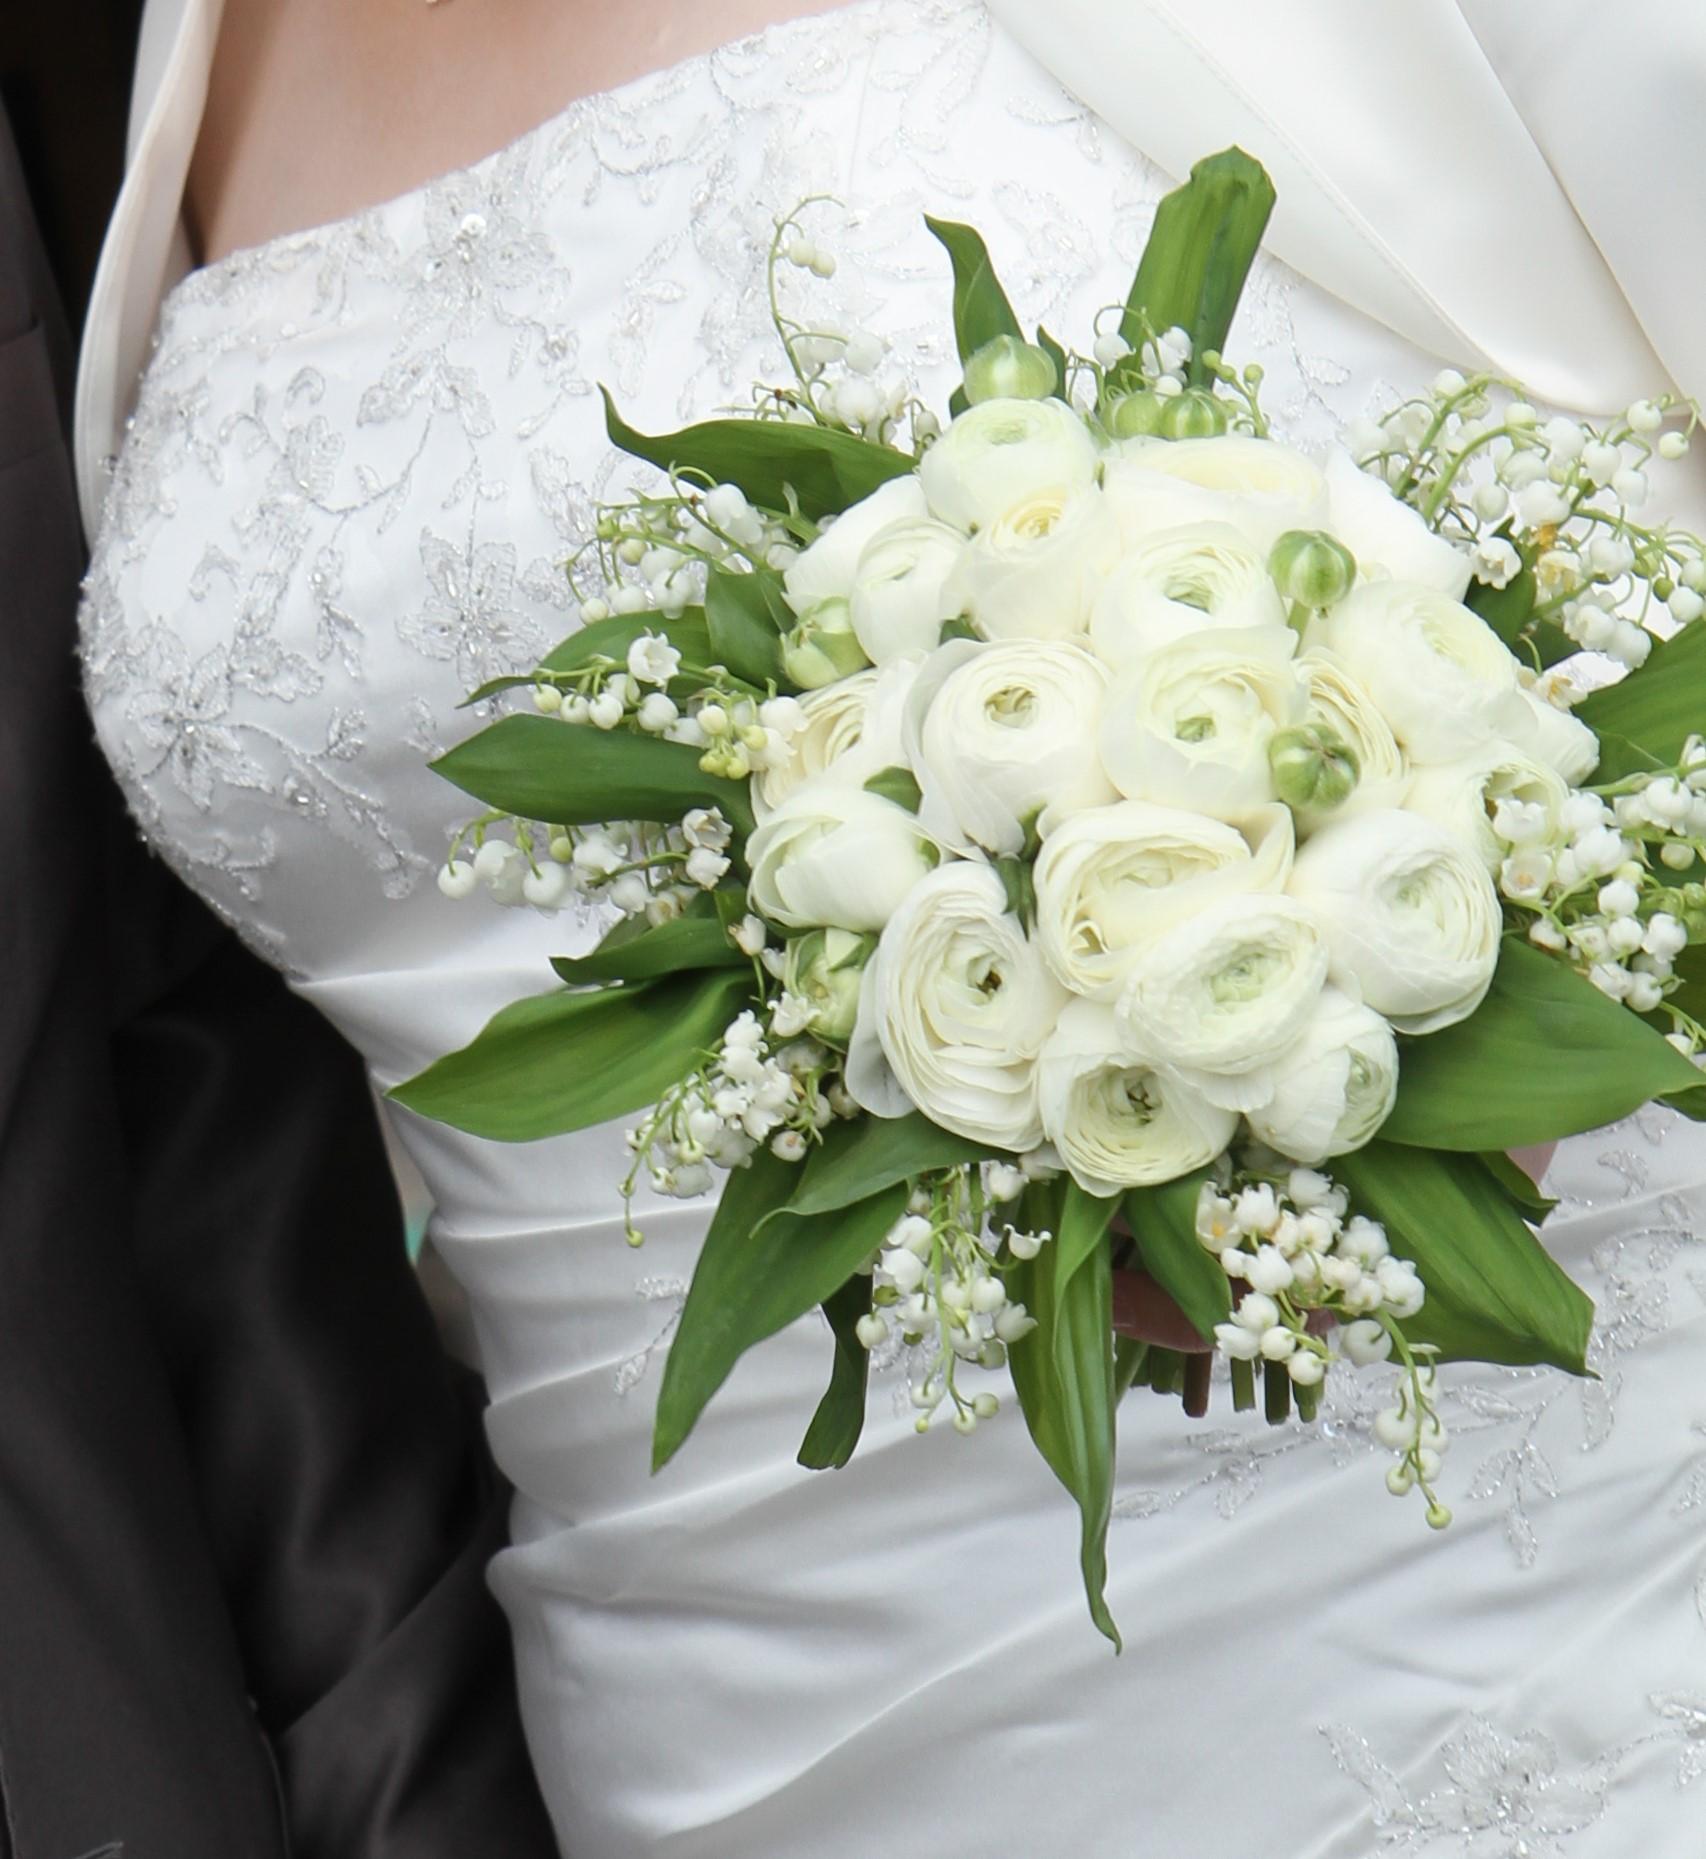 mariage - l'atelier floral, fleuriste à romilly sur seine dans l'aube